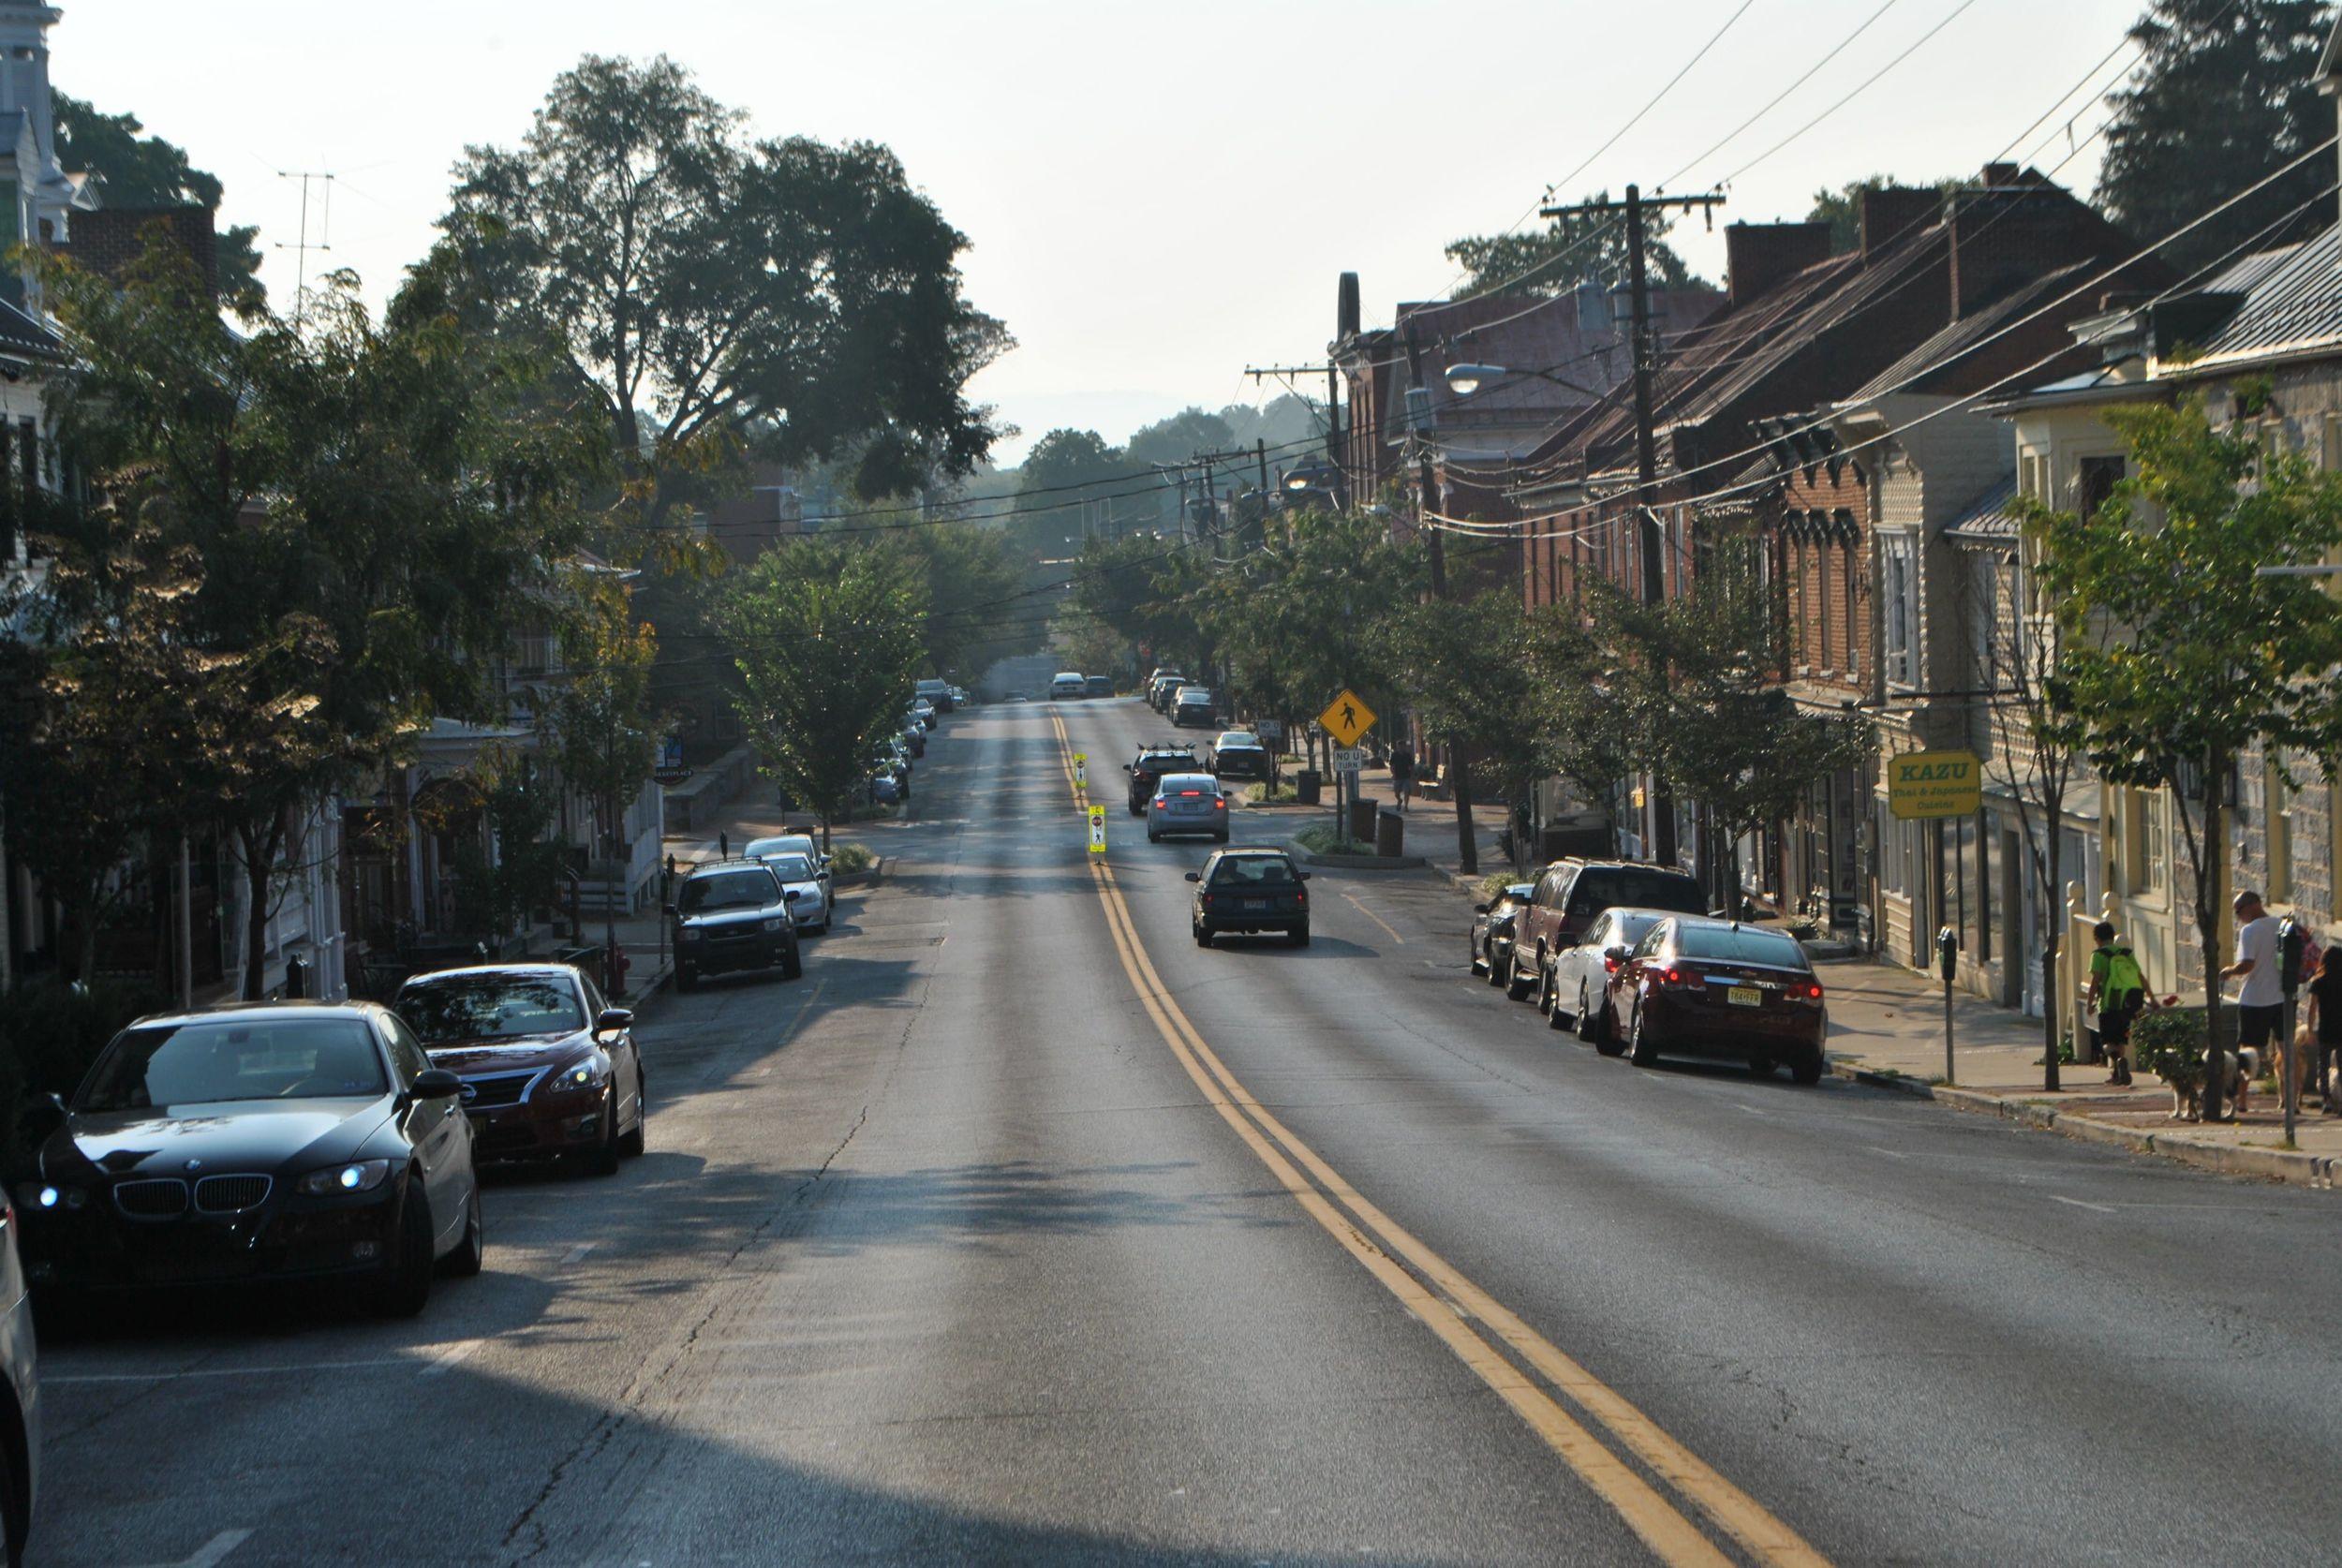 German Street heading East